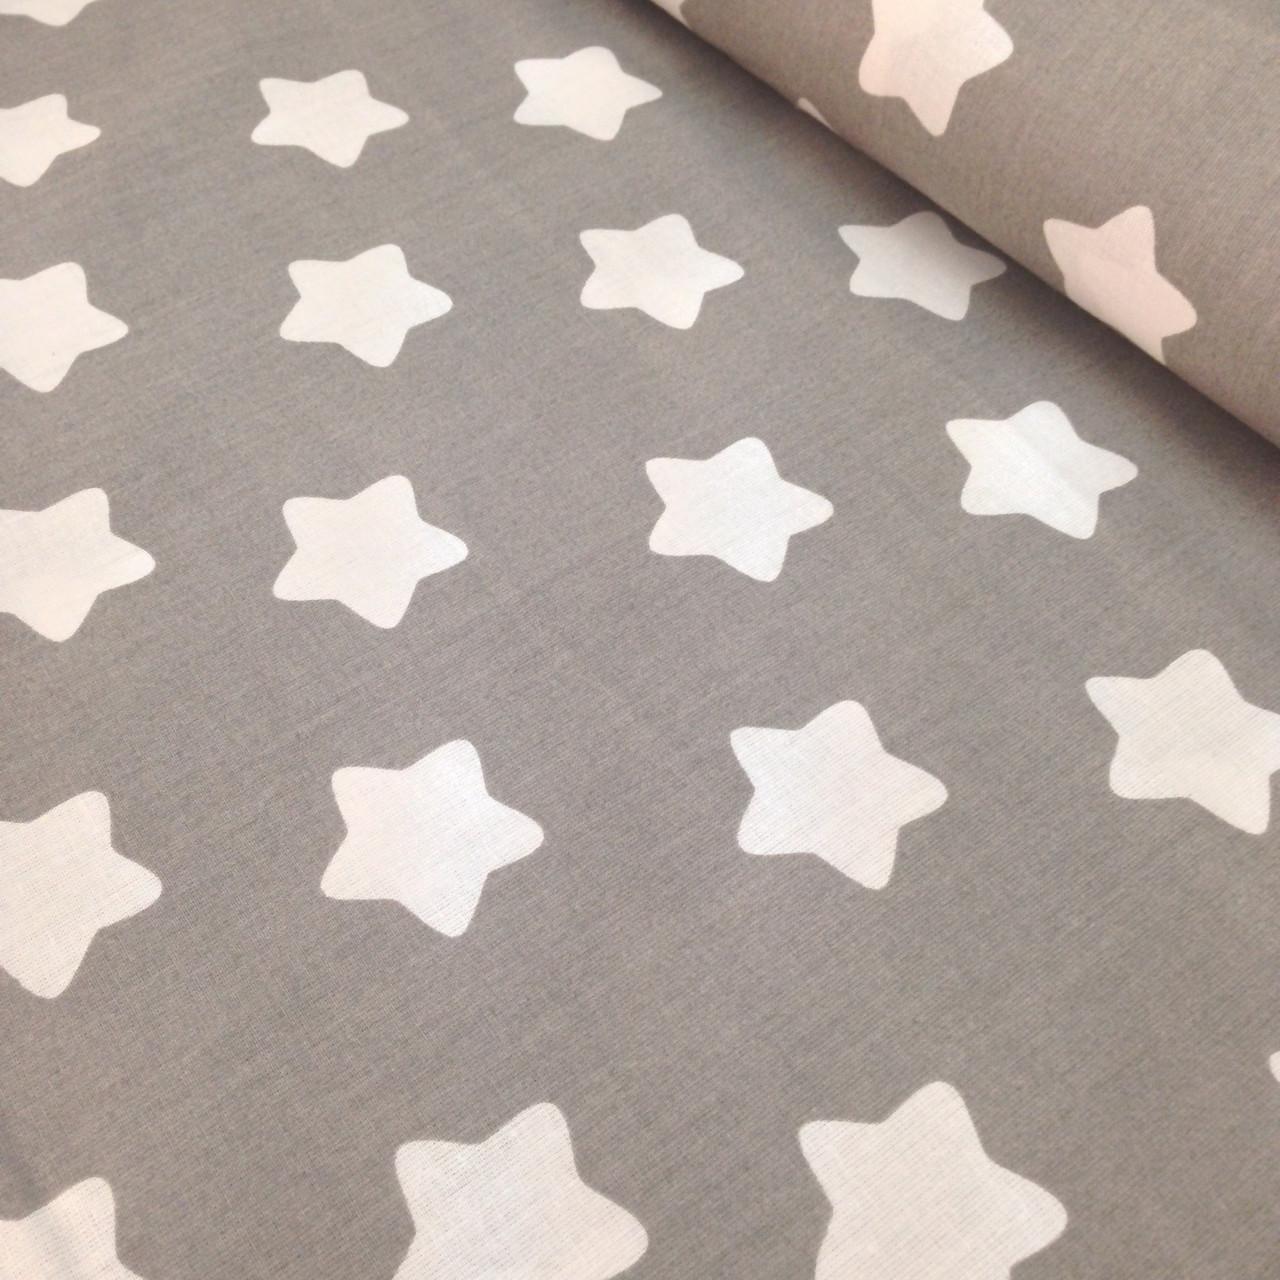 Хлопковая ткань польская звезды крупные (пряники) белые на сером